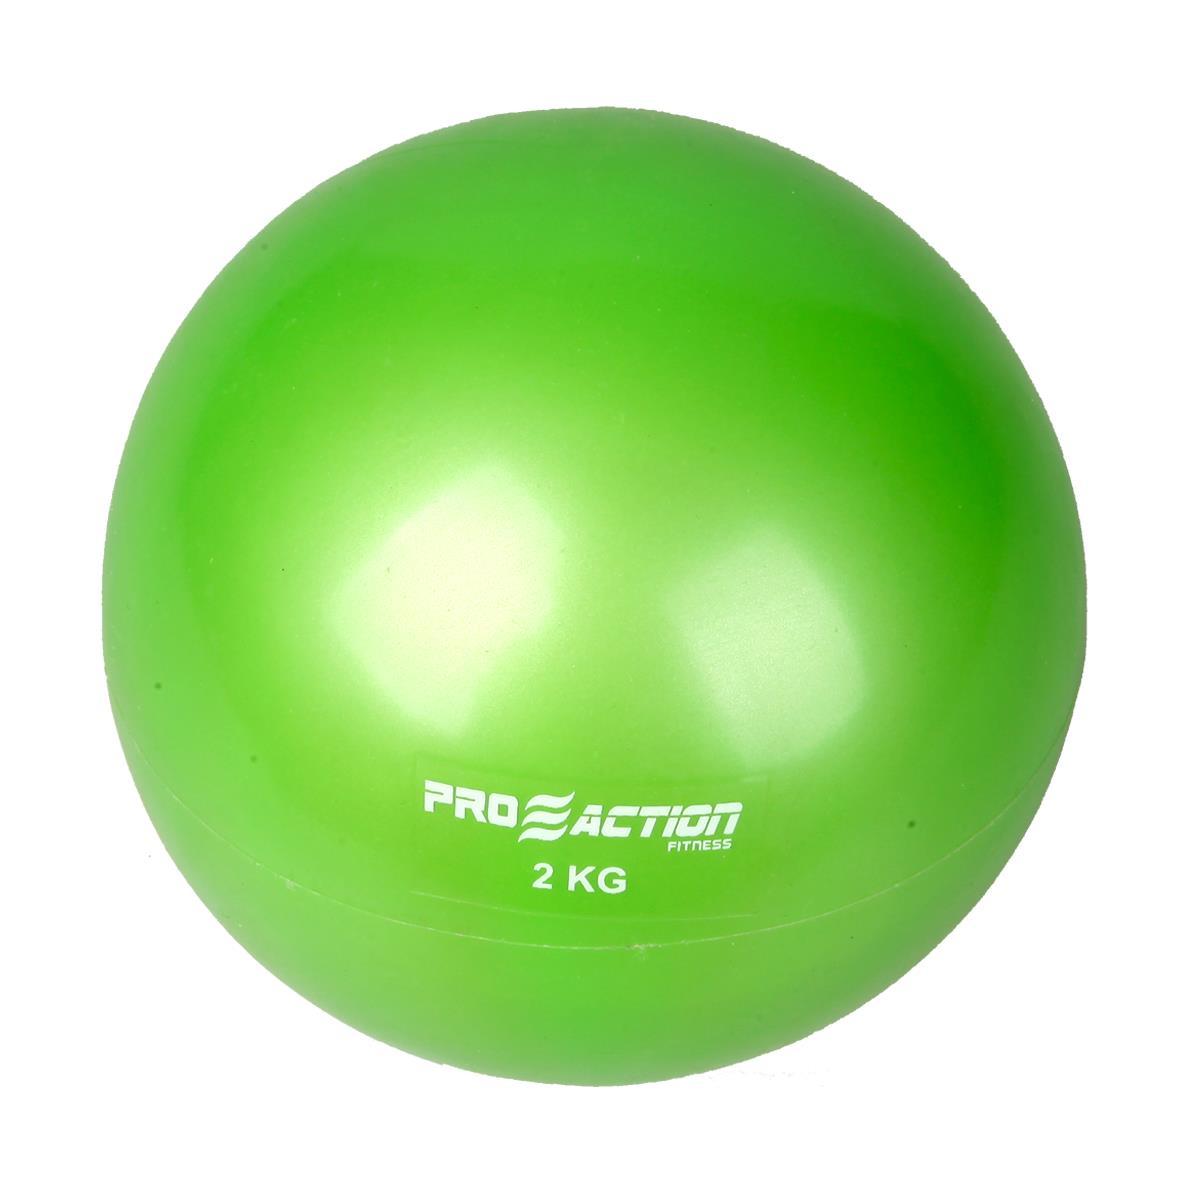 Bola Tonificadora Proaction Verde - 2Kg